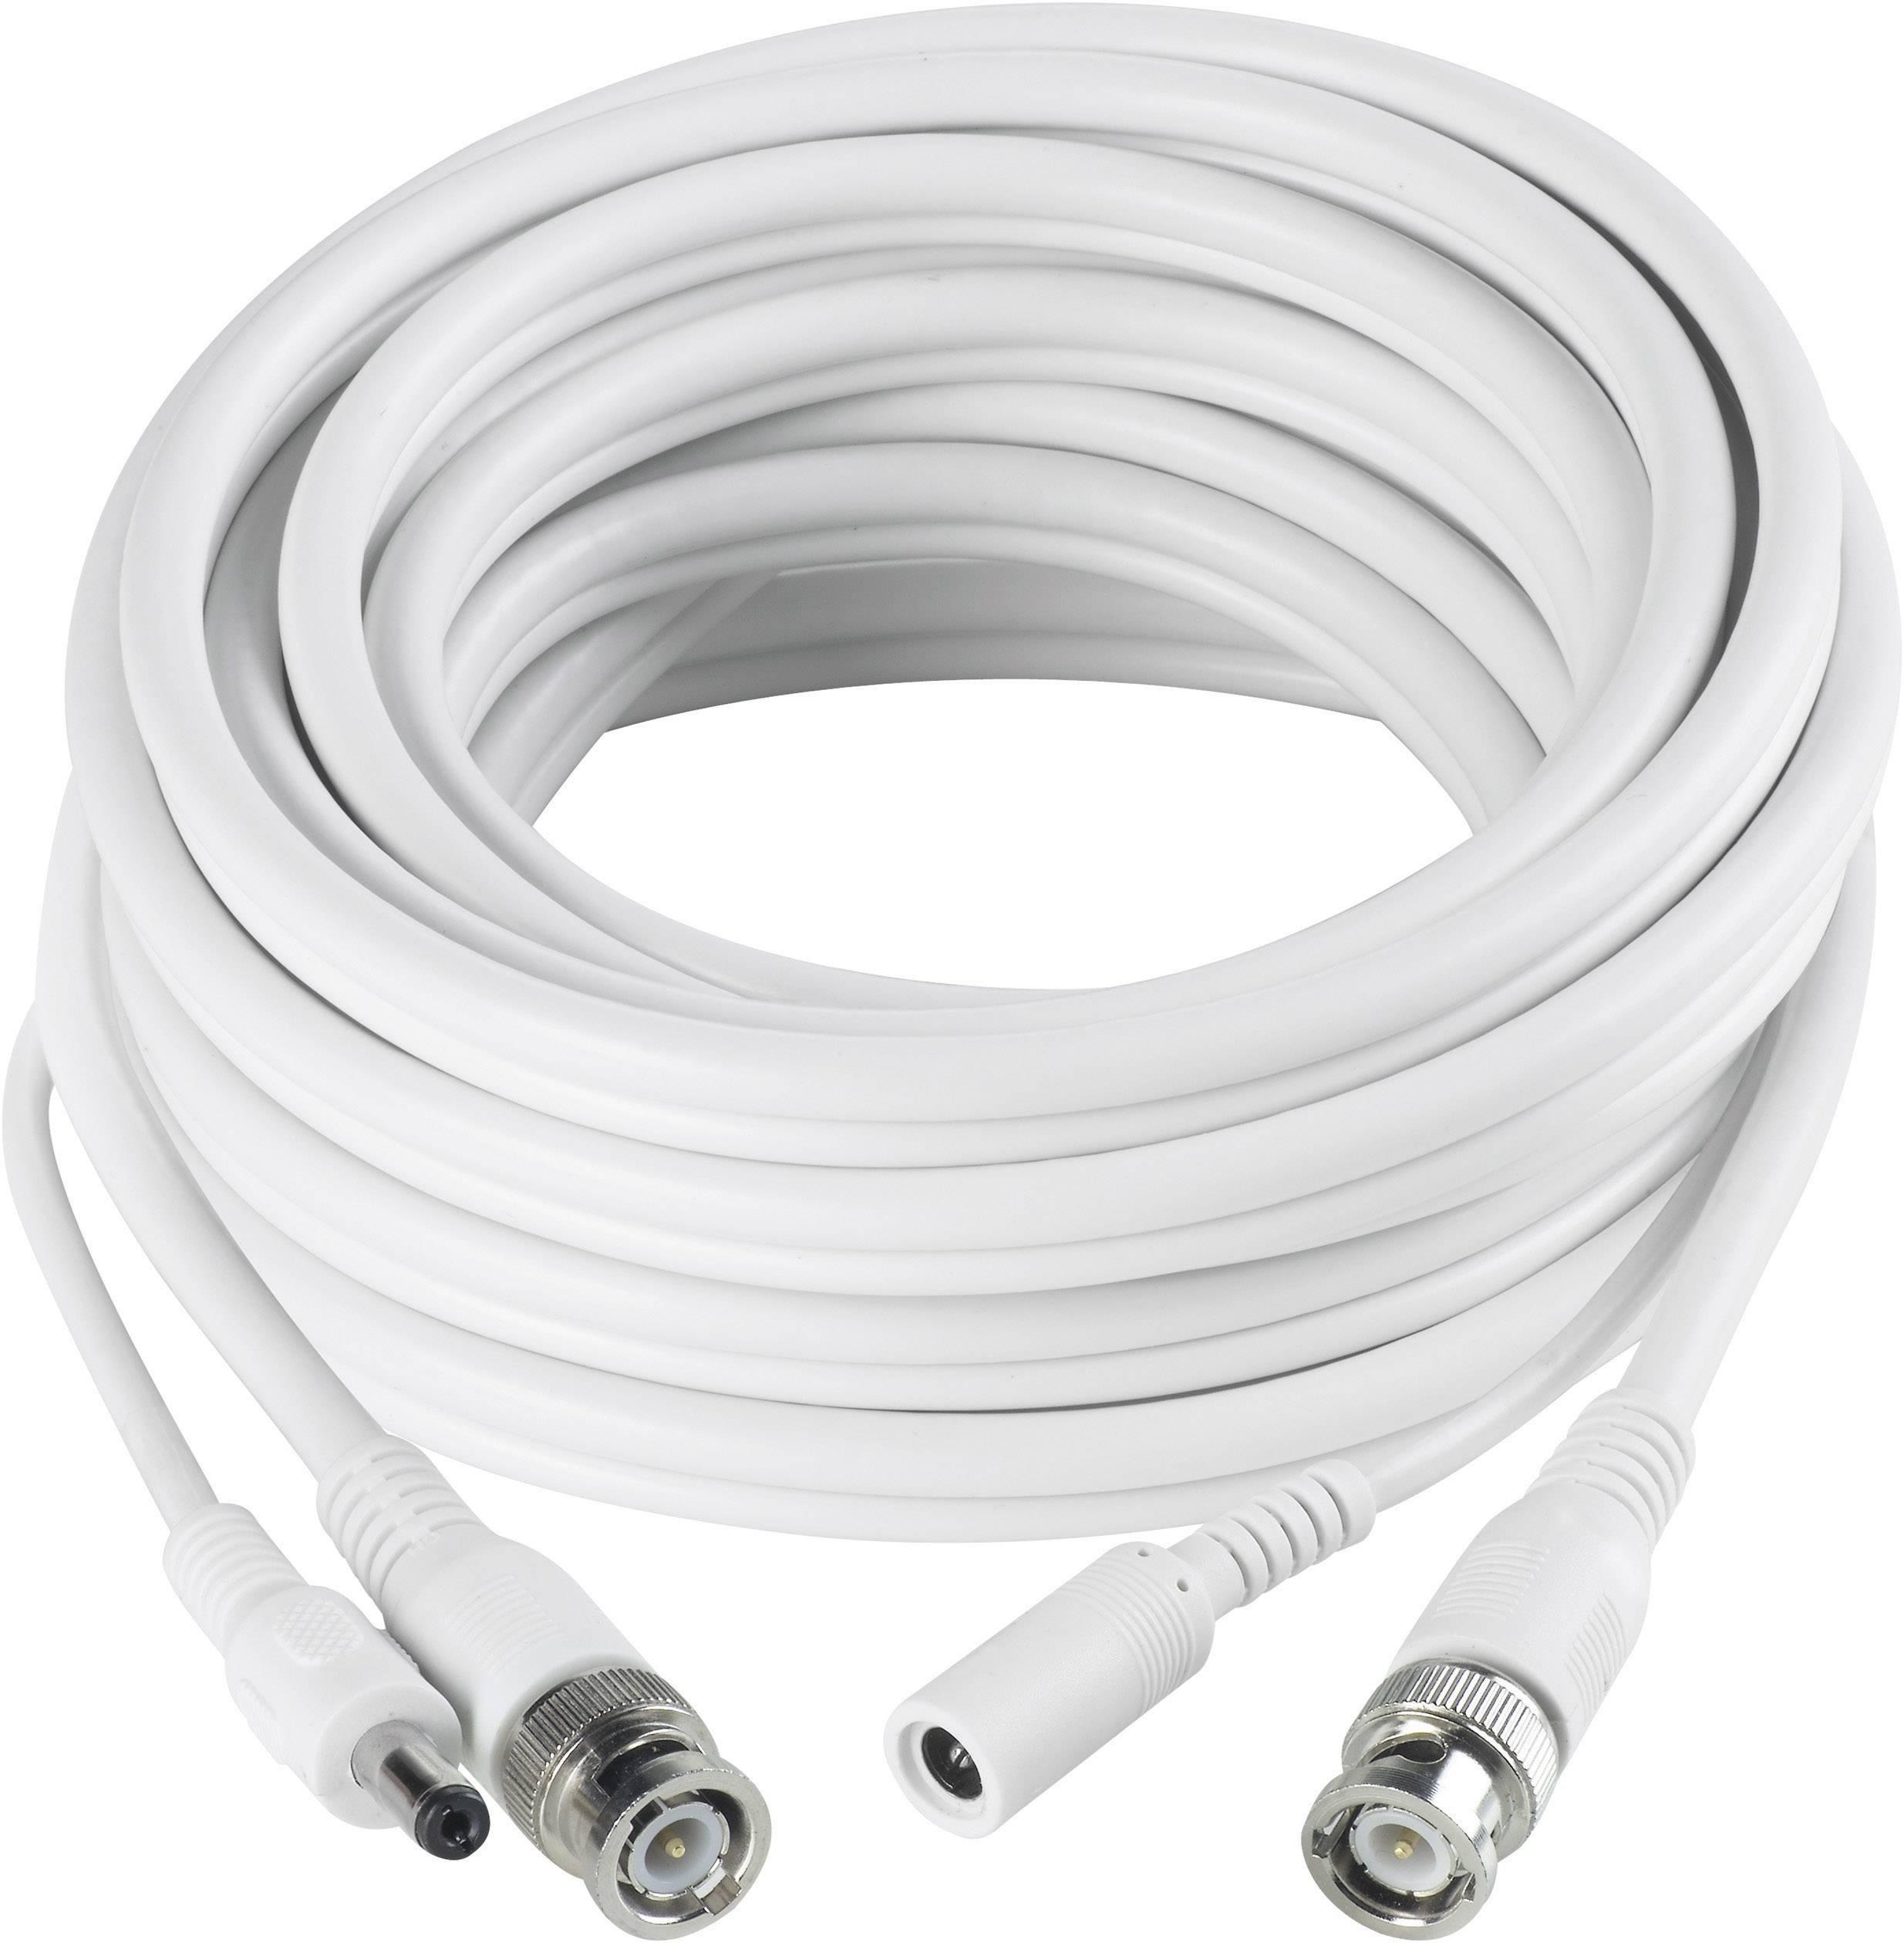 Video predlžovací kábel Sygonix, 1x BNC, 1x DC IN ⇔ 1x BNC, 1x DC OUT, 40 m, biely